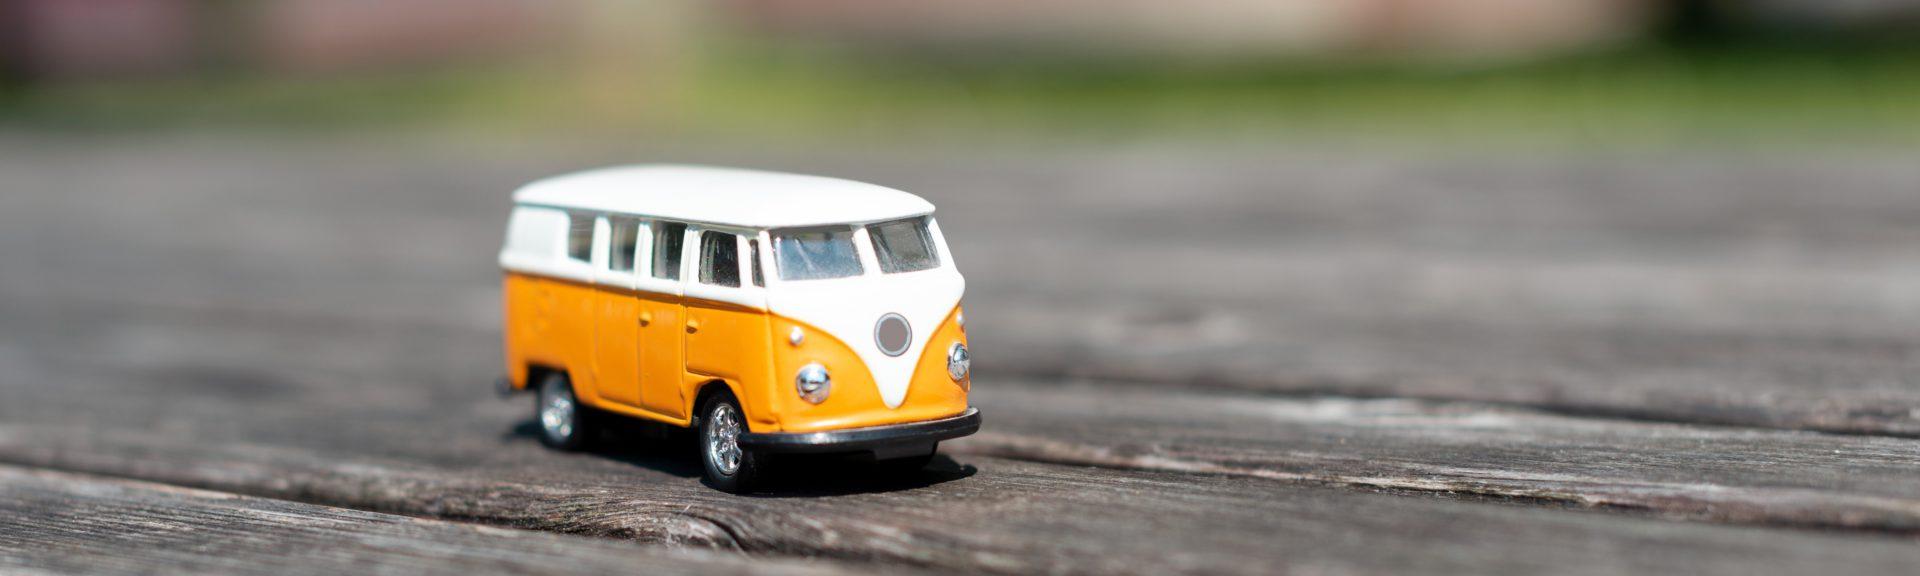 Auf einem Holzboden im Freien steht ein alter VW-Bus mit oranger Lackierung und weißem Dach.